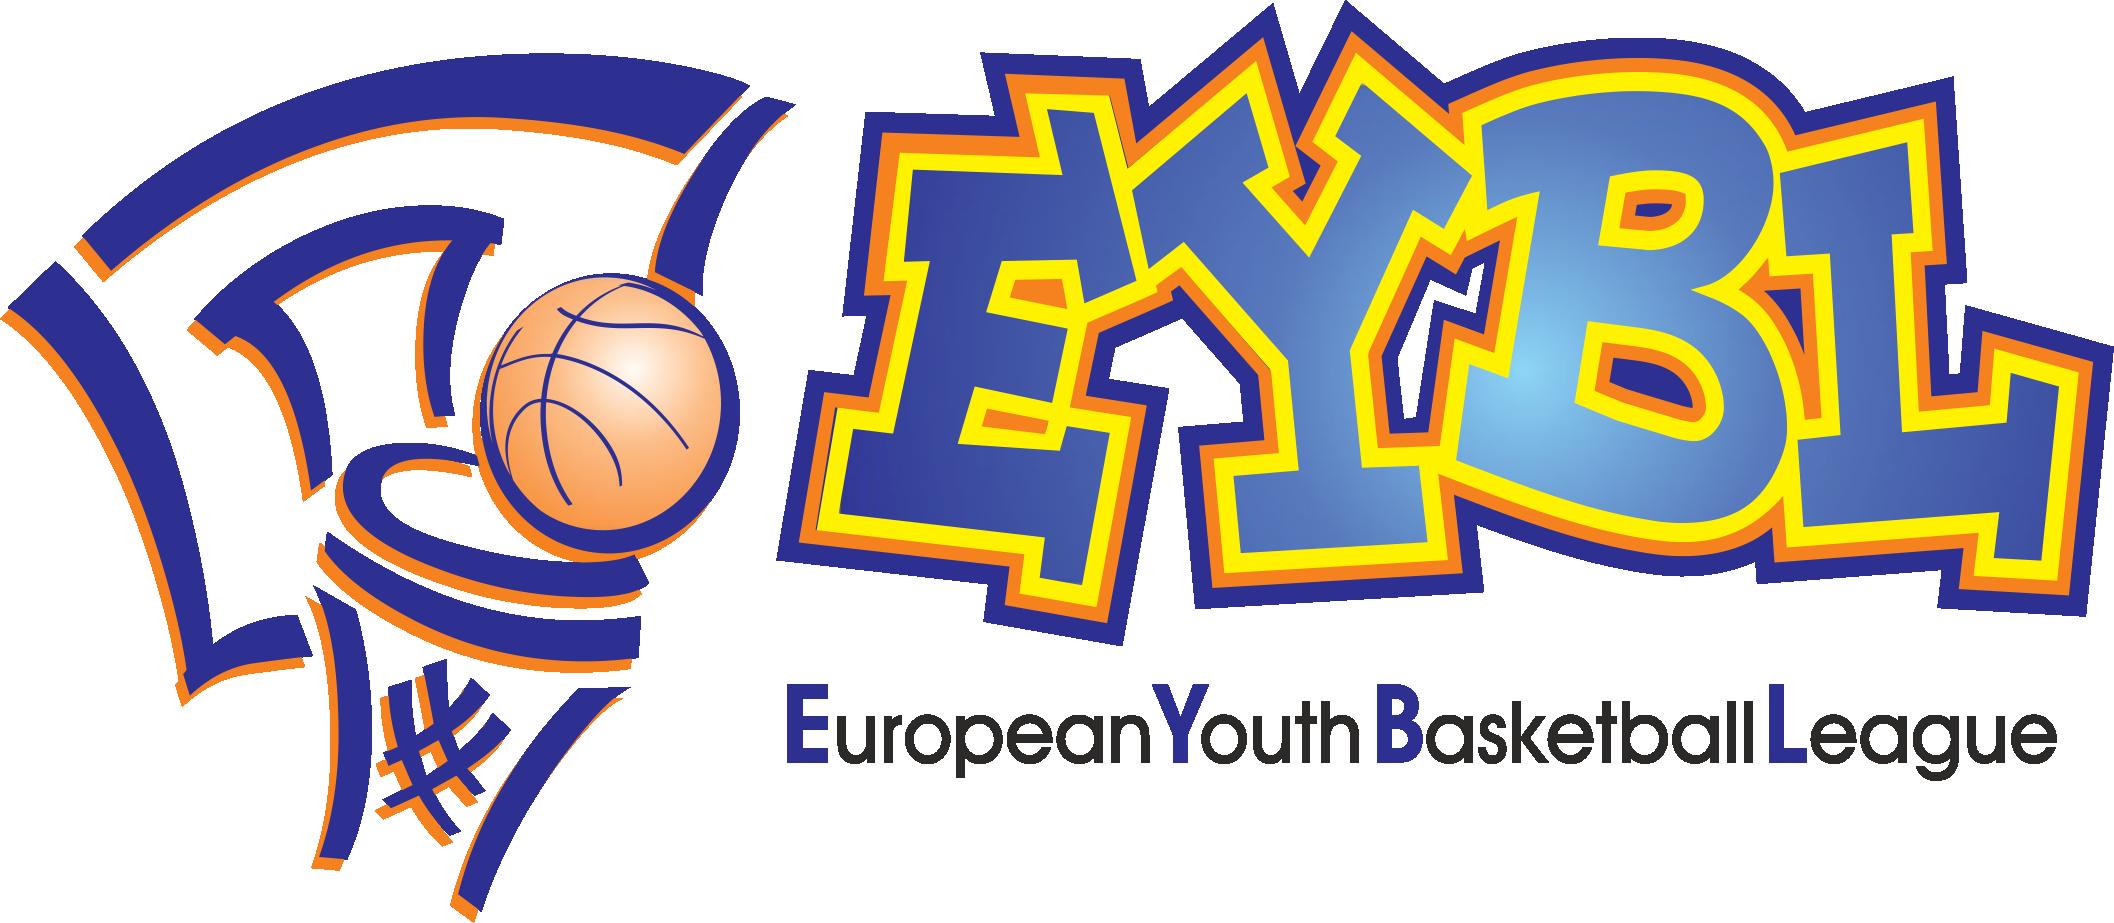 Збірна України U-16 стартувала з перемоги в Європейській юнацькій Лізі